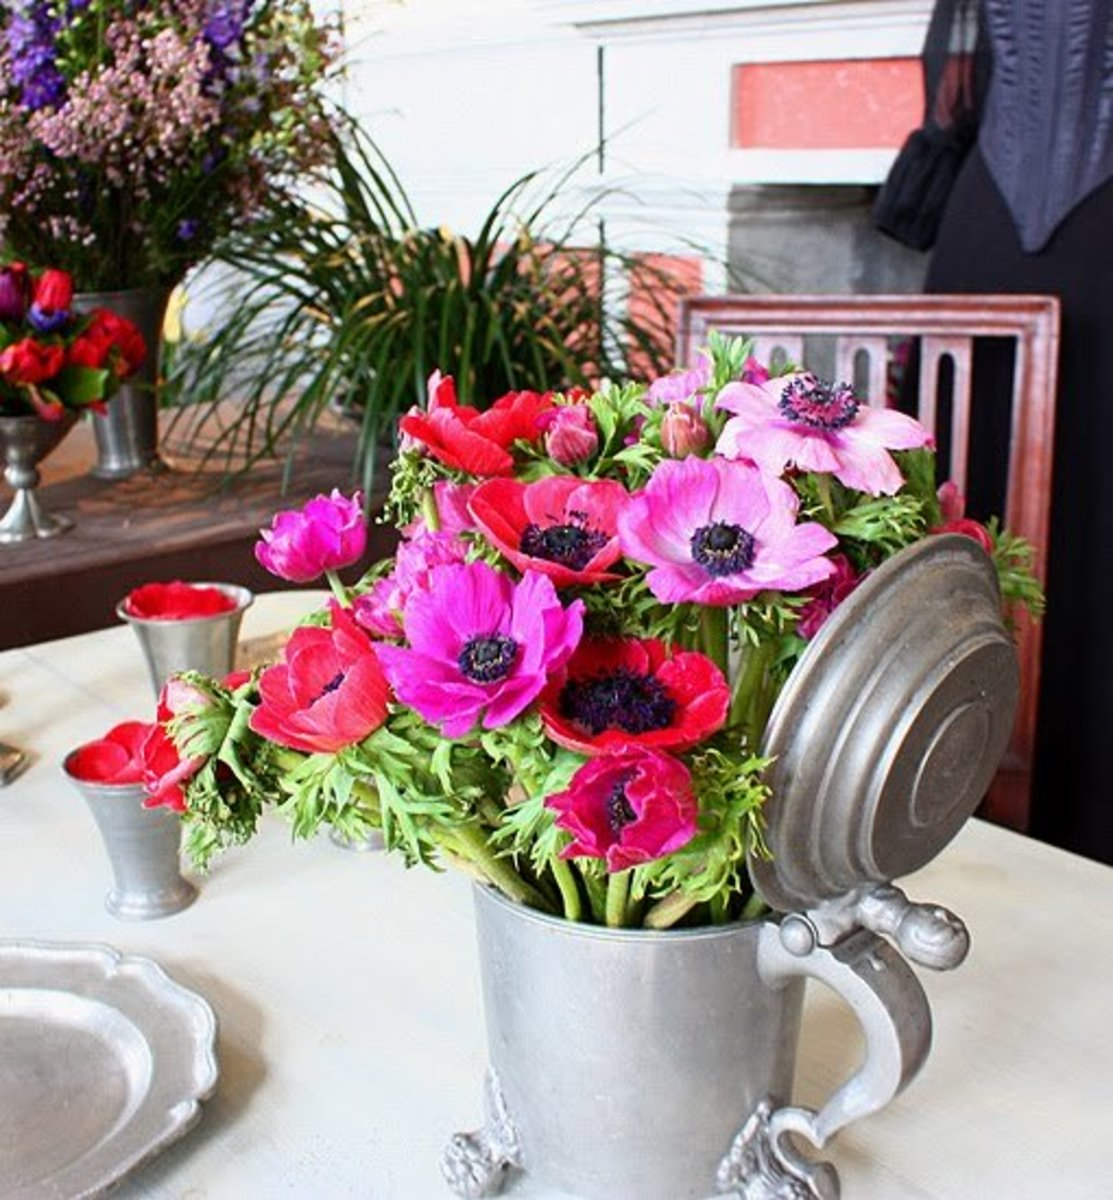 Use old jars as vases!